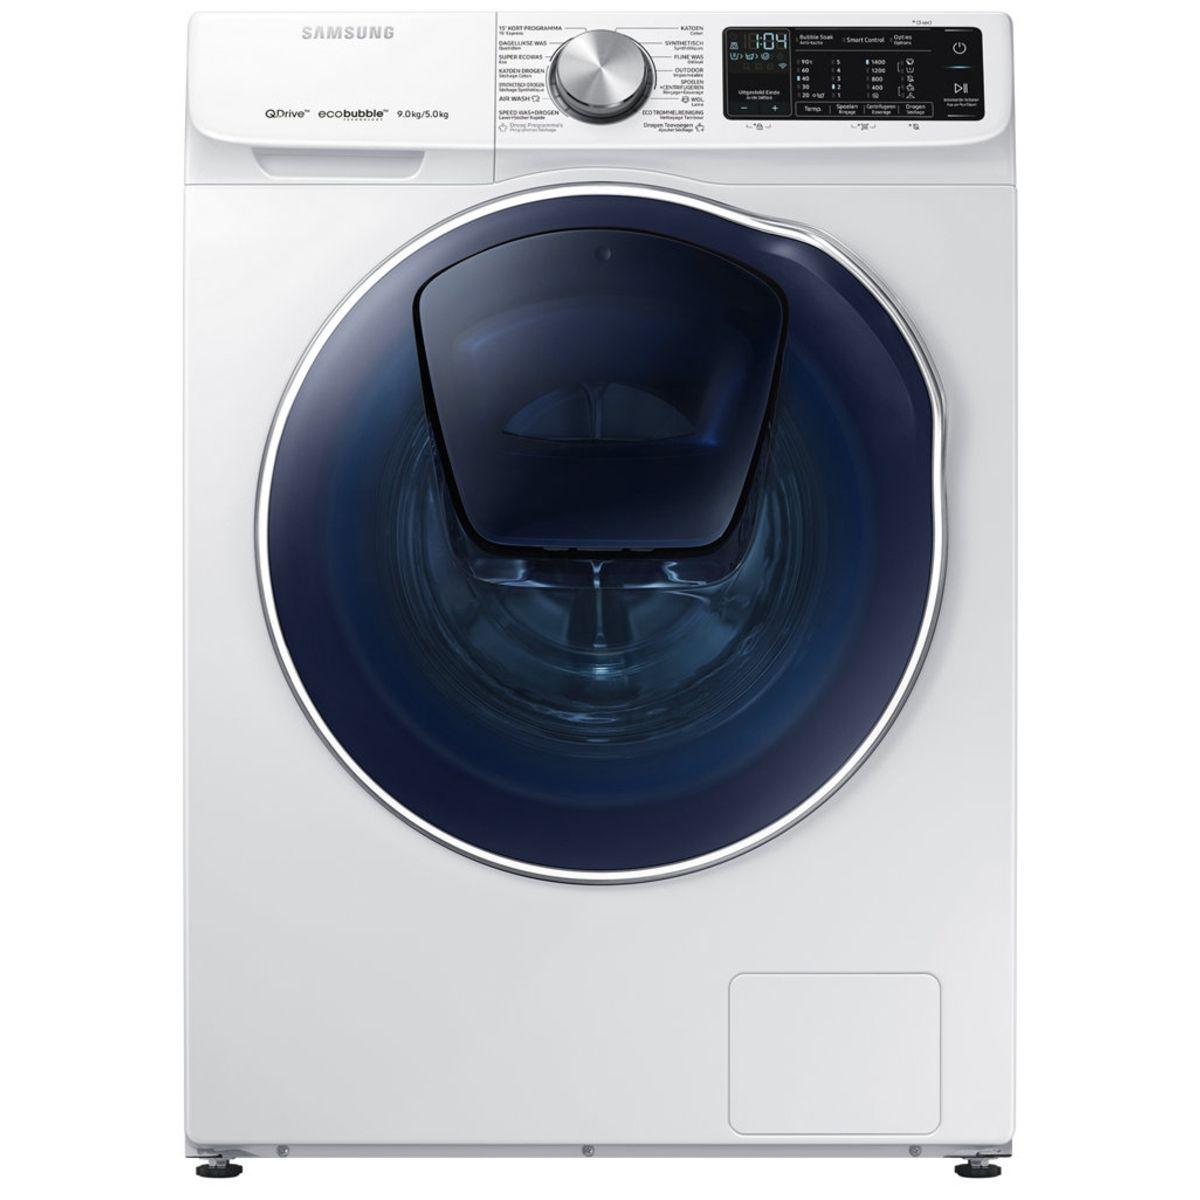 Lave linge séchant hublot WD91N642OOW ADD WASH, Eco bubble, 9 Kg Lavage, 5 Kg Séchage, 1400 T/min